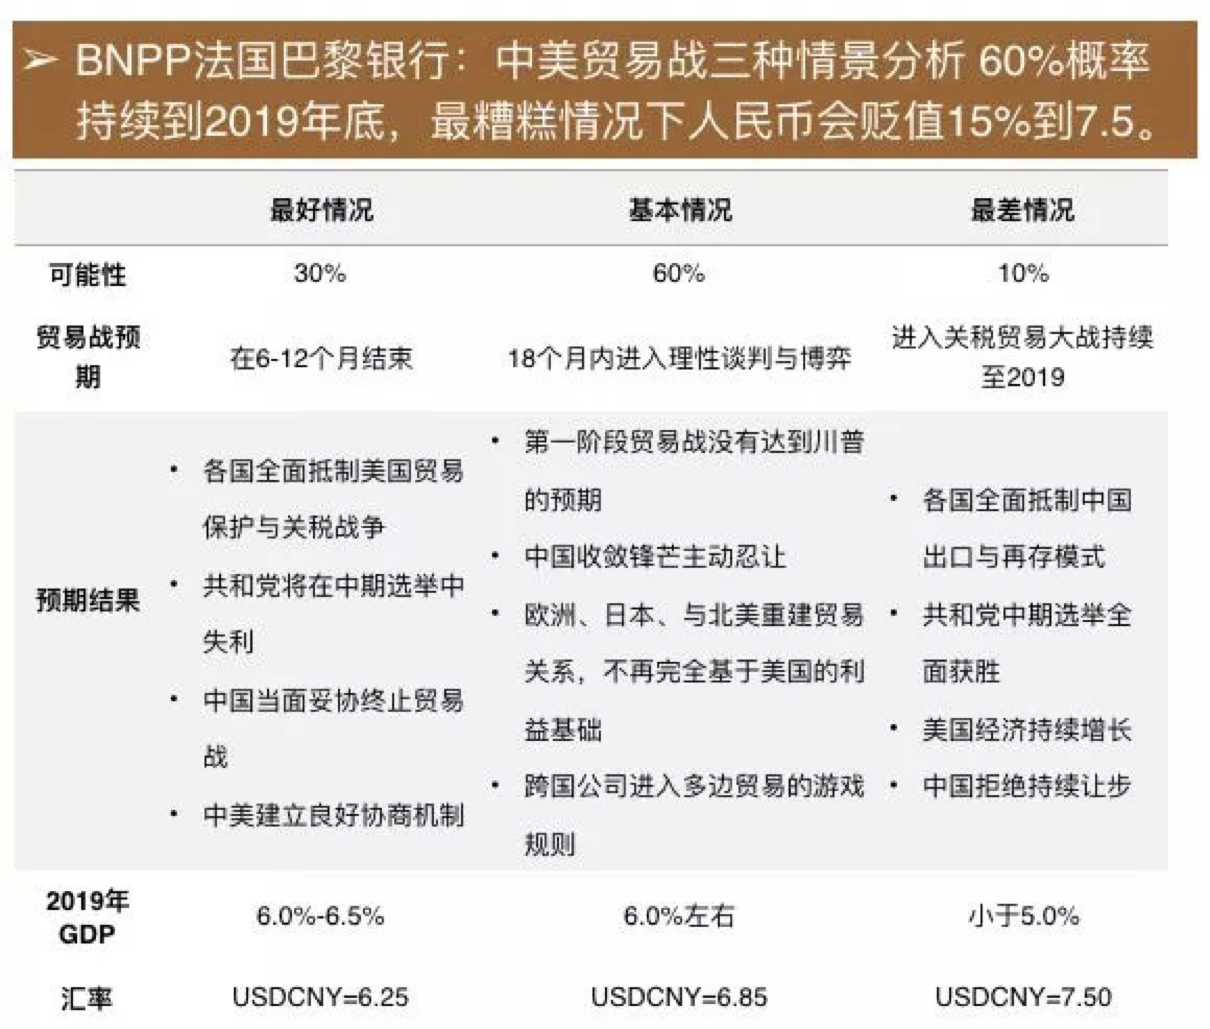 2020年中国GDP是百分之几_2020年GDP大概率超过100亿,我们或将创造一个重要记录